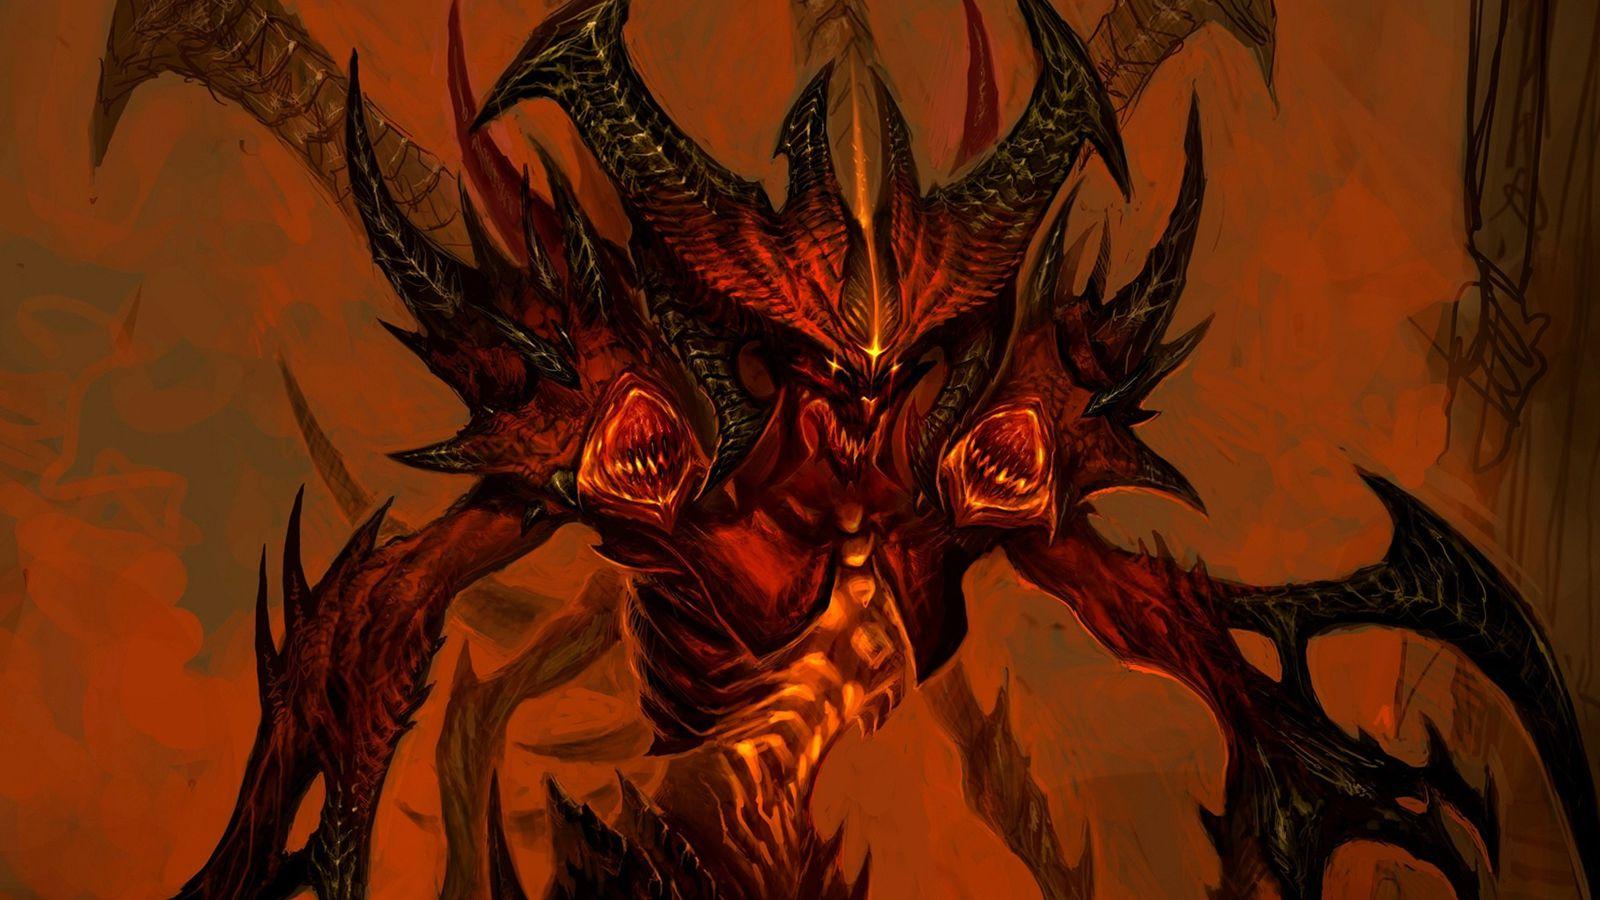 diablo 3 reaper of souls wallpaper 1600x900